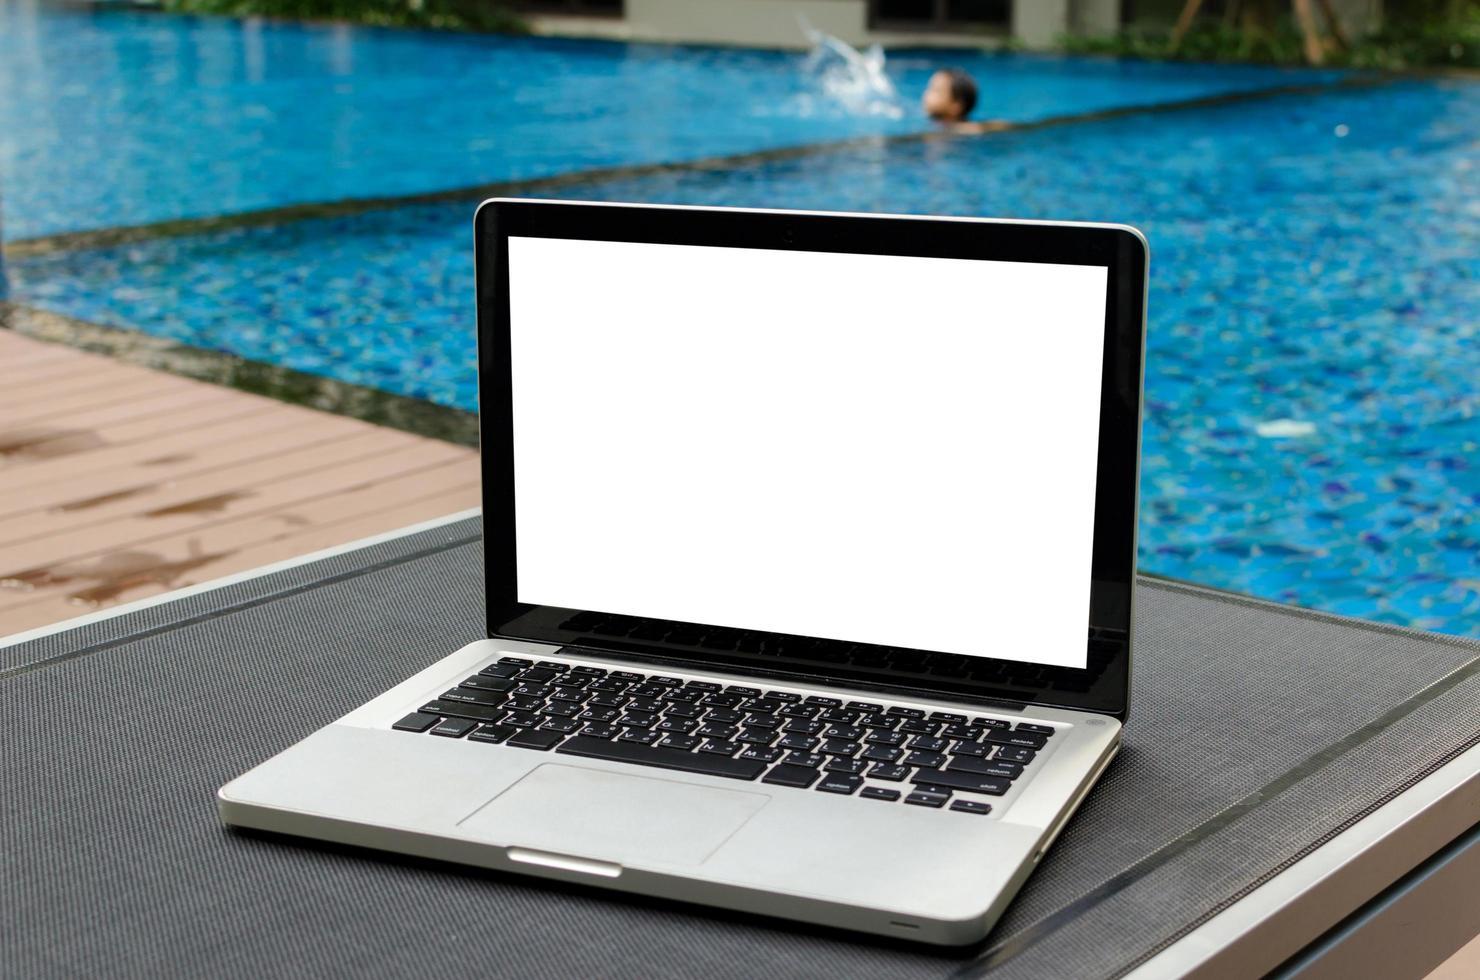 una computadora portátil en una tumbona junto a una piscina foto